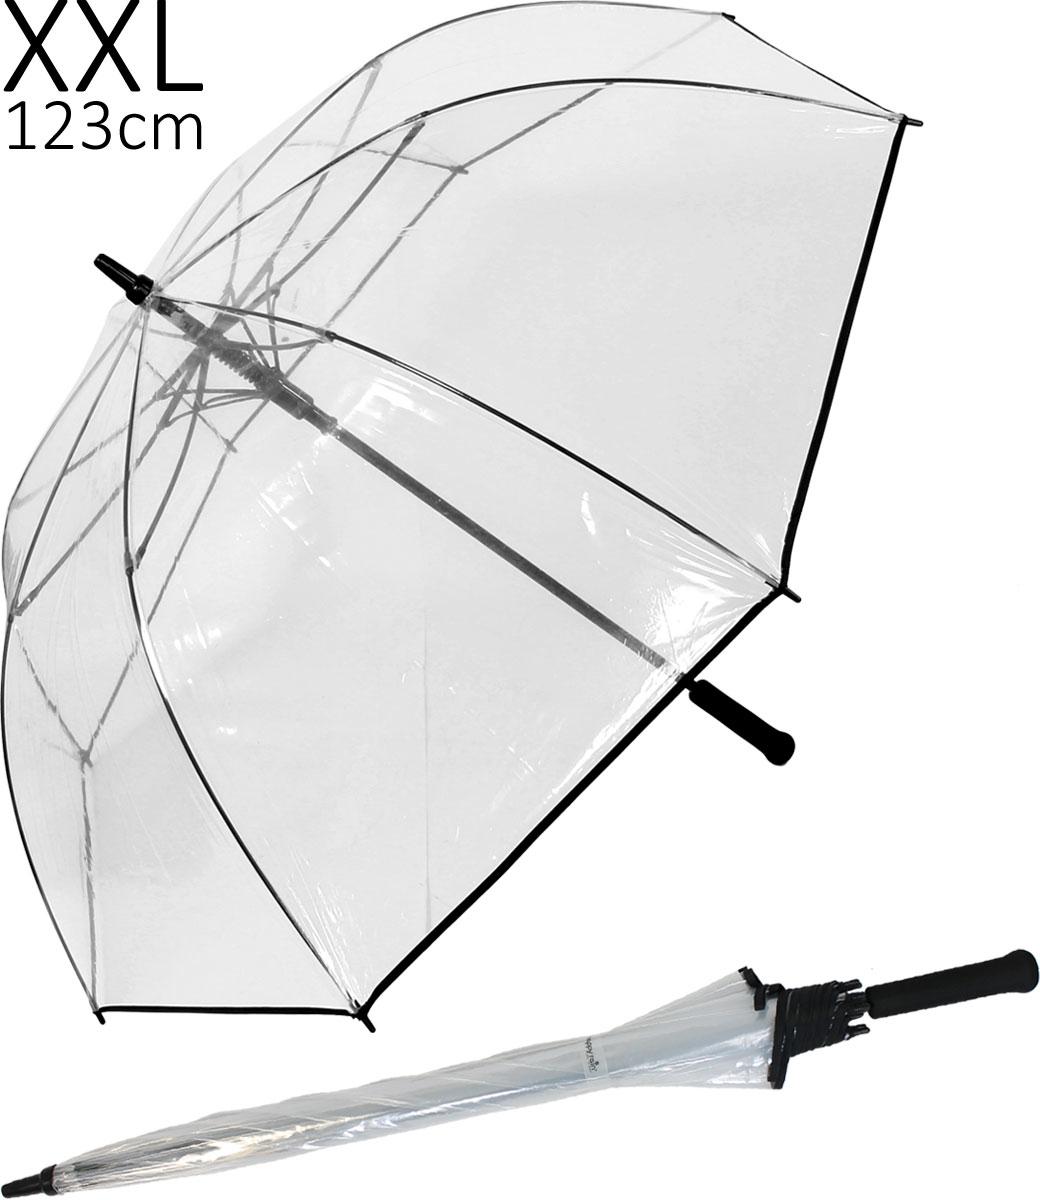 Groß Regenschirm Schablone Galerie - FORTSETZUNG ARBEITSBLATT ...